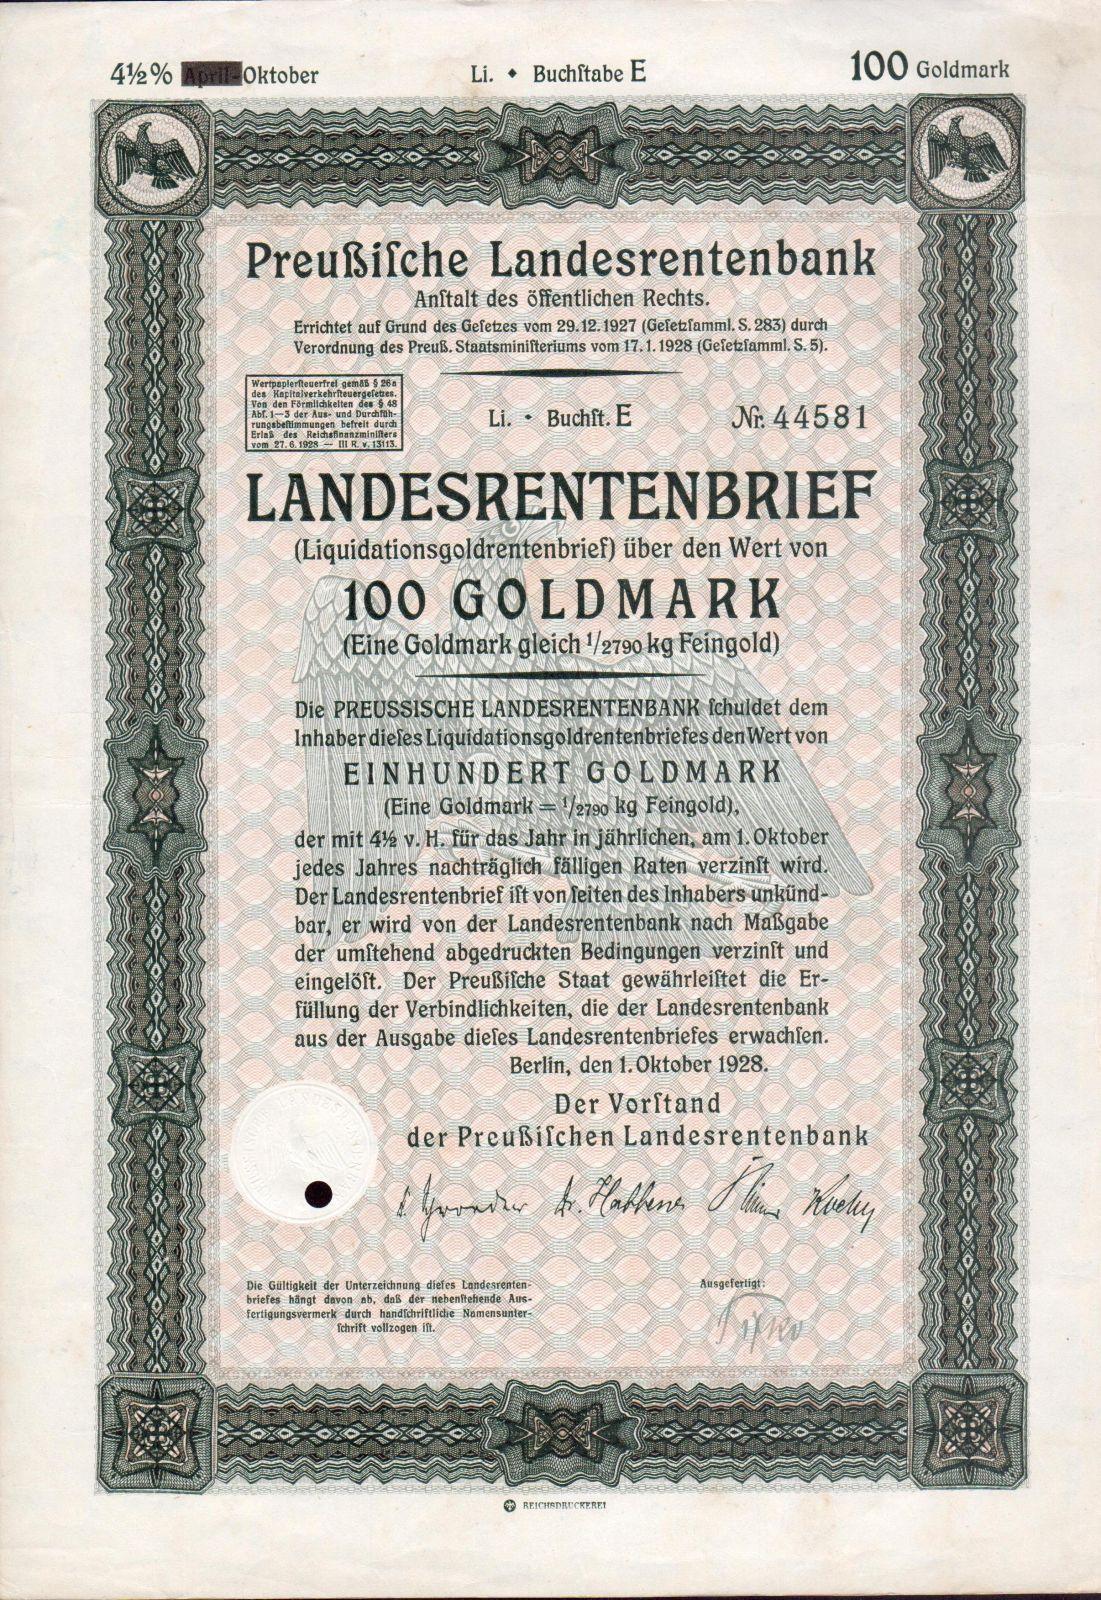 Dluhopis Preussische Landesrentenbank, Berlín/1928/, 100 Goldmark, 4 1/2%, formát A4